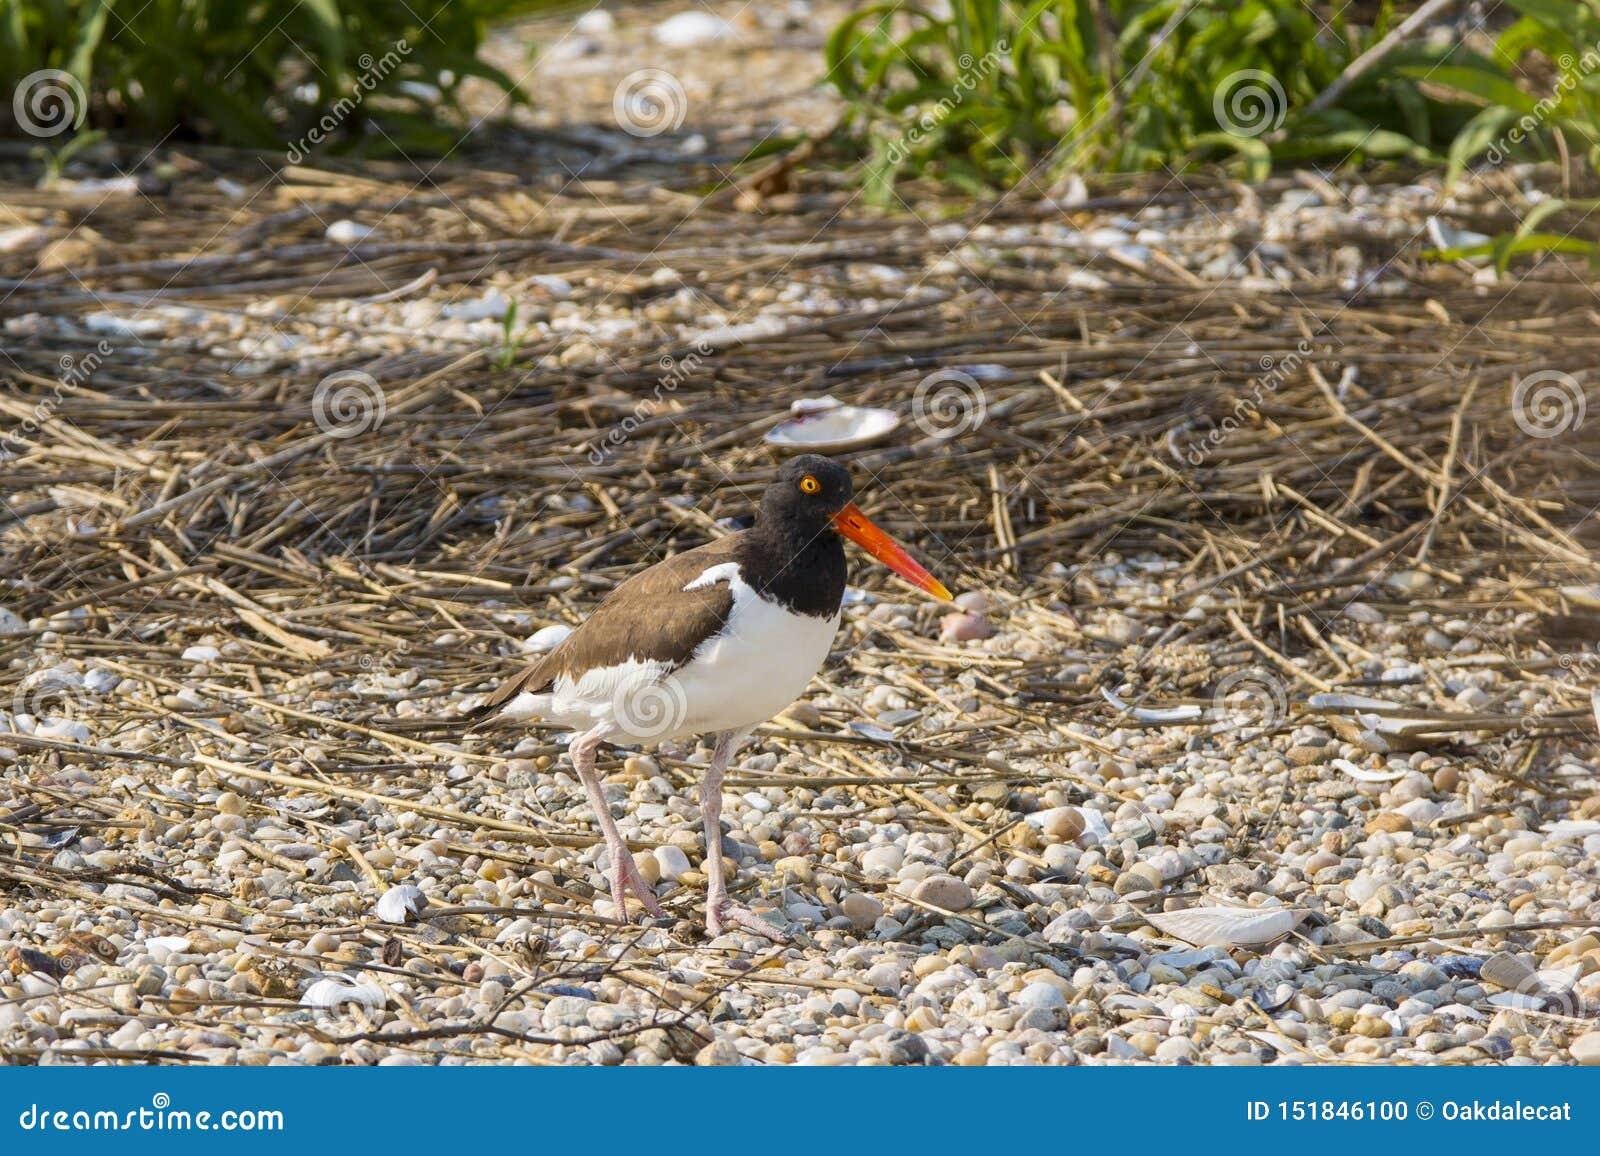 Amerikansk strandskata på skal och kiselstenar